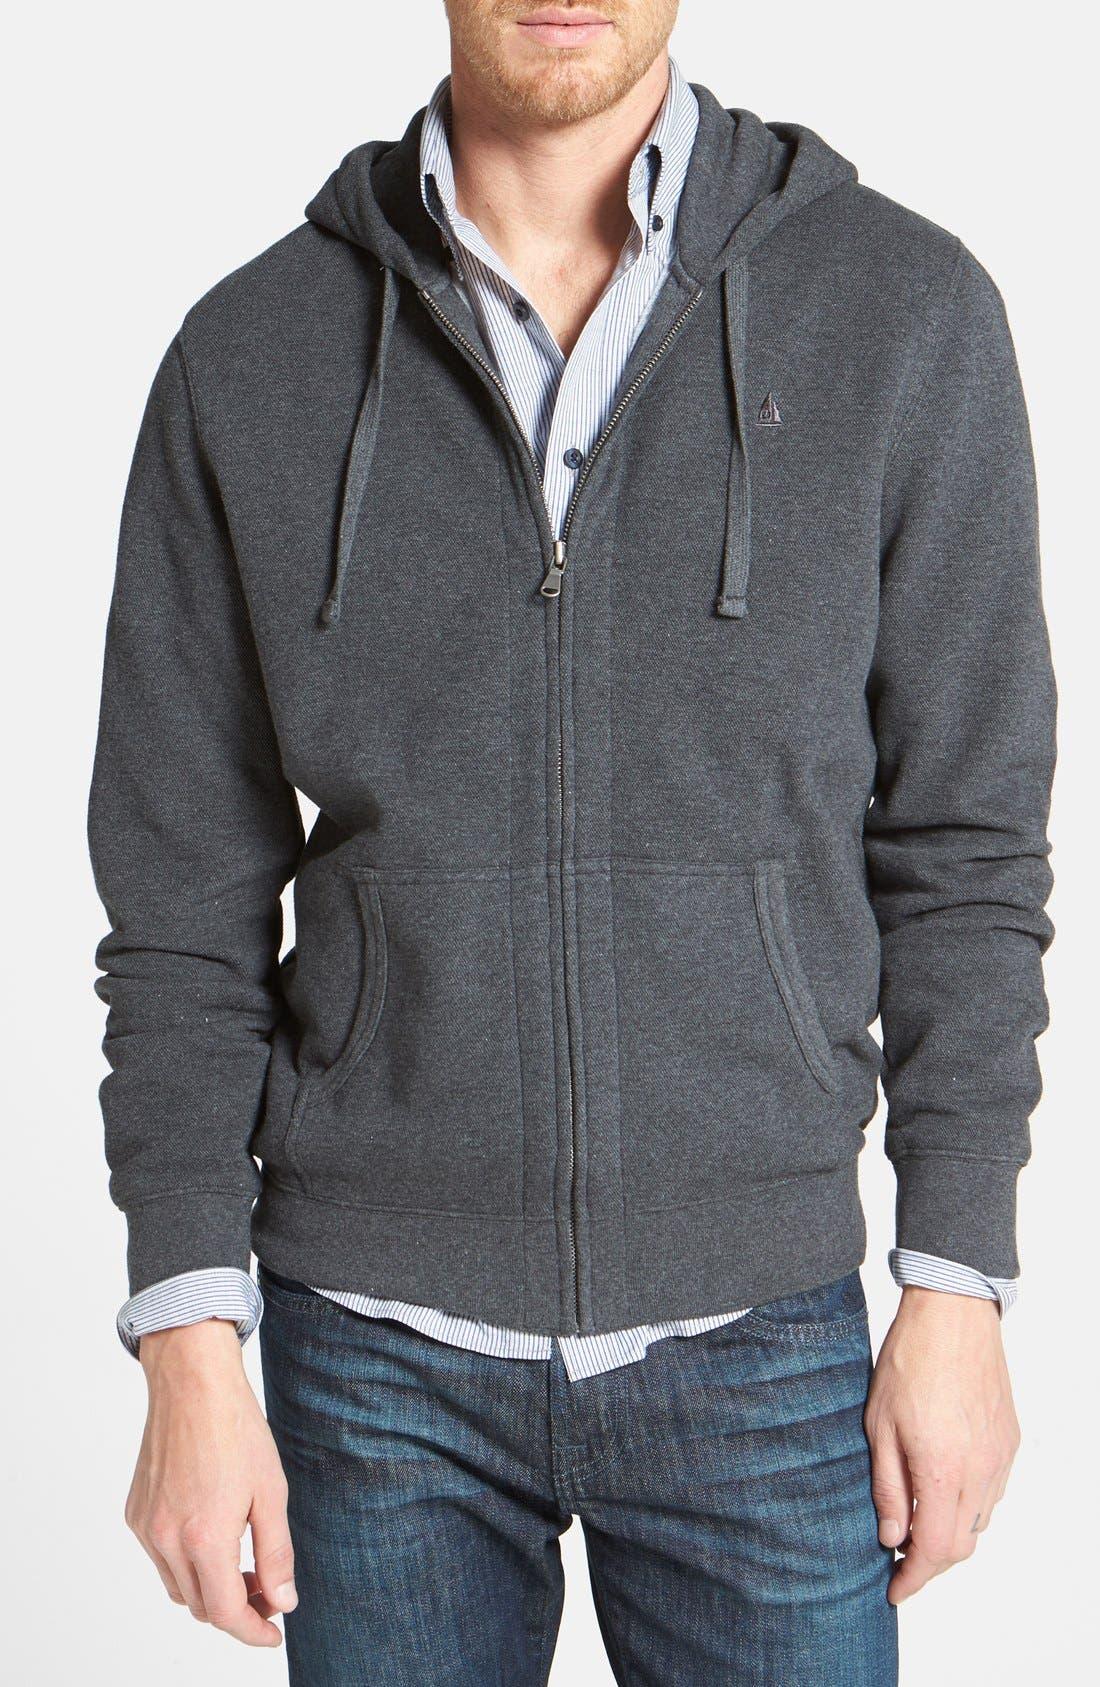 Alternate Image 1 Selected - Nordstrom Full Zip Piqué Knit Hoodie